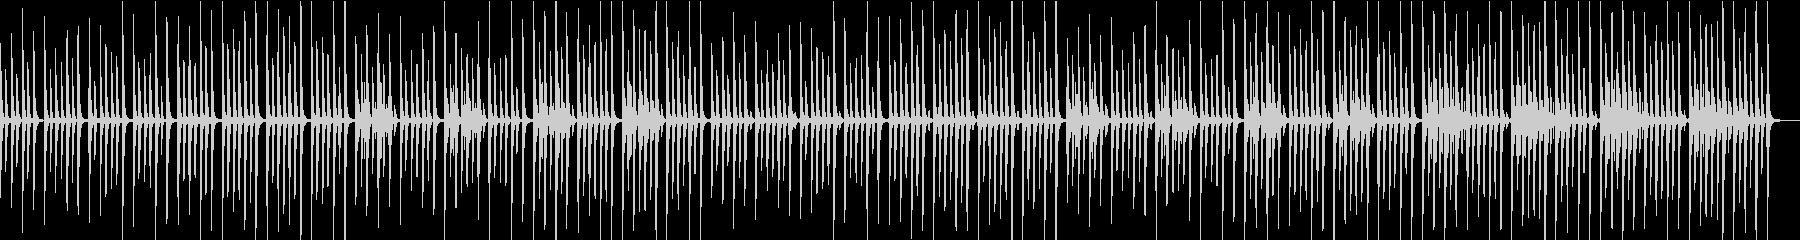 優しく清潔感のある曲の未再生の波形